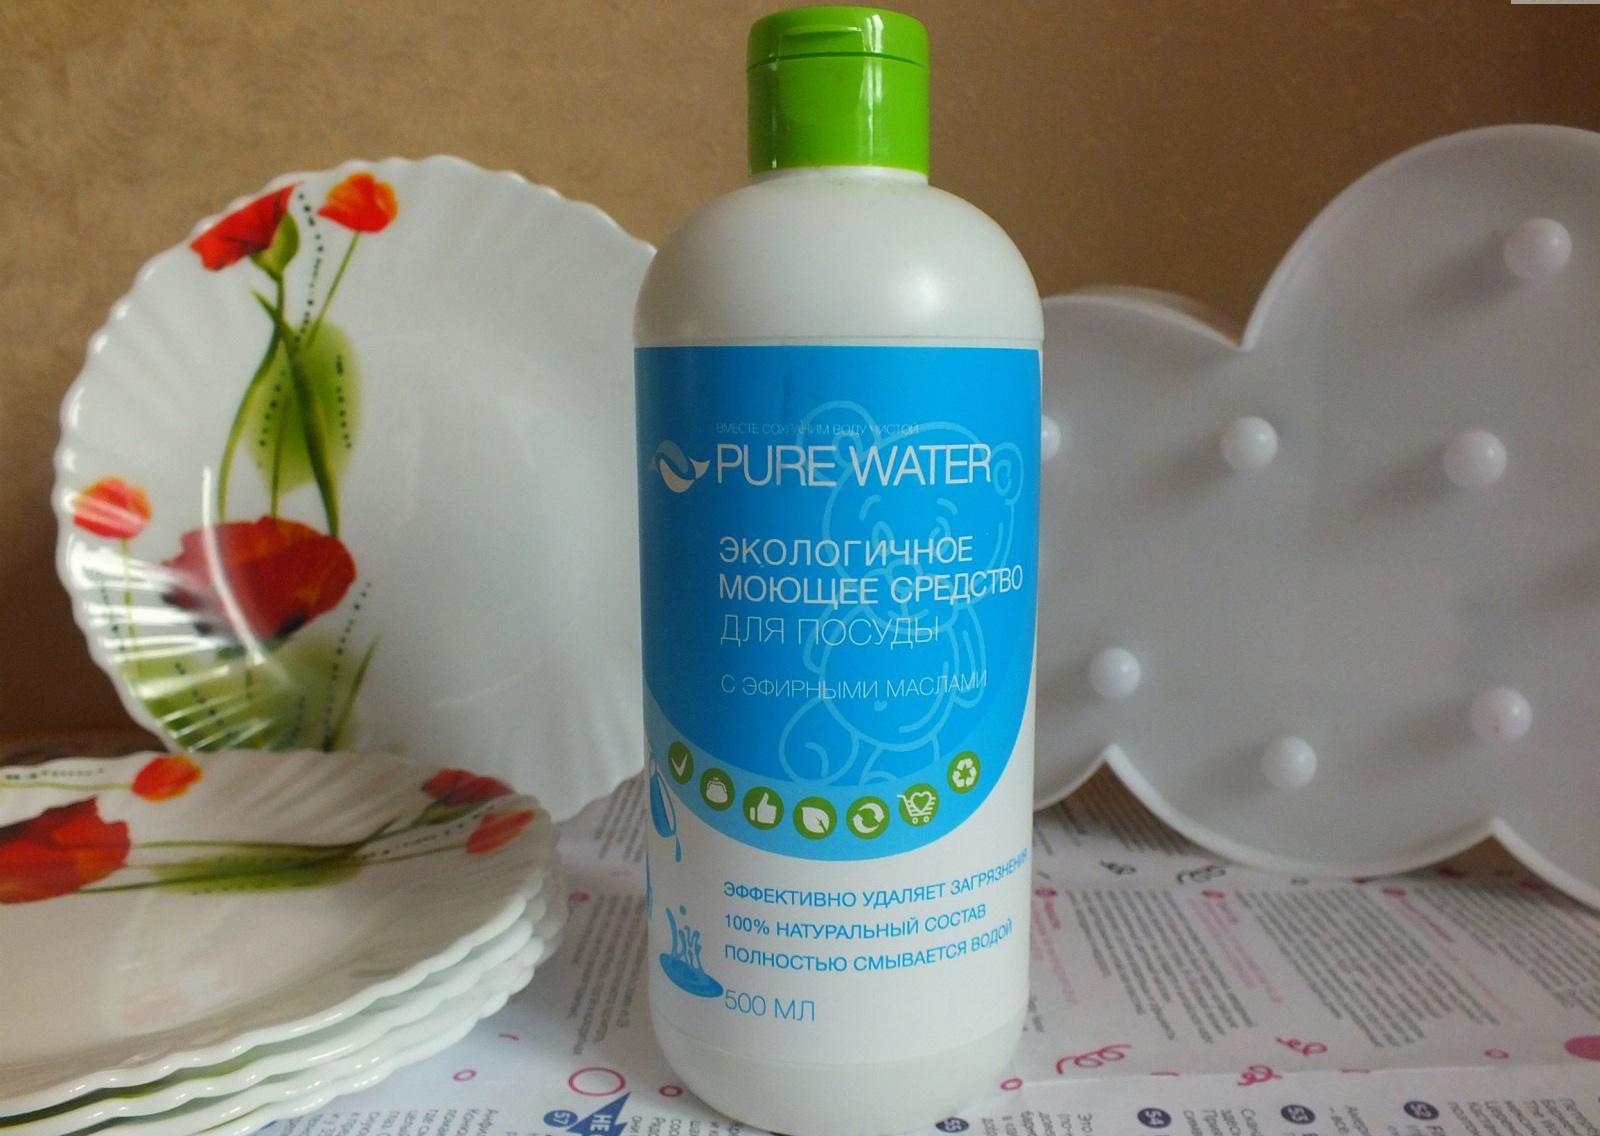 Моющее средство для посуды Pure Water